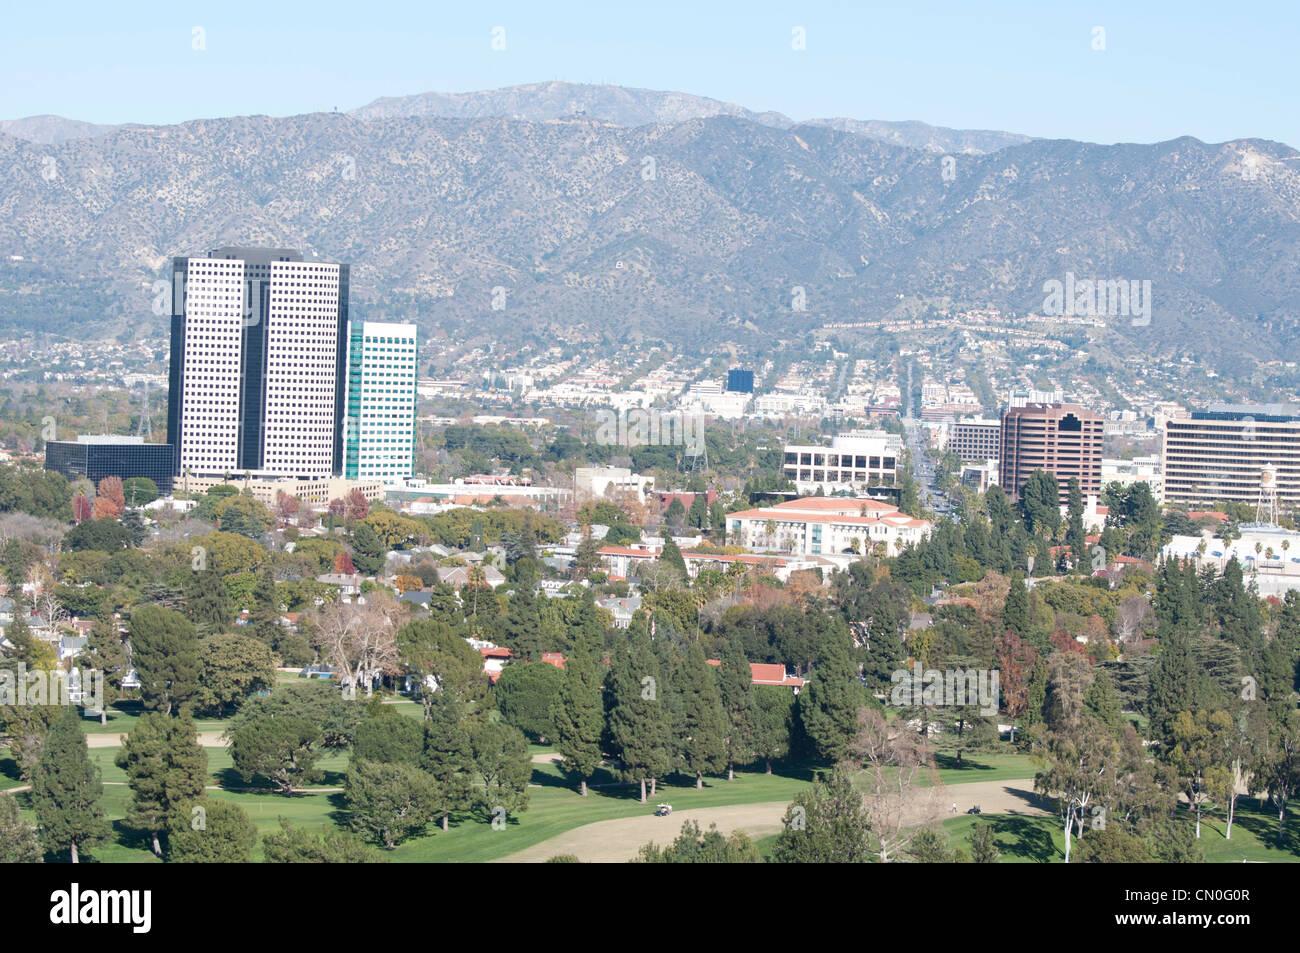 Blick auf die Stadt Stockbild